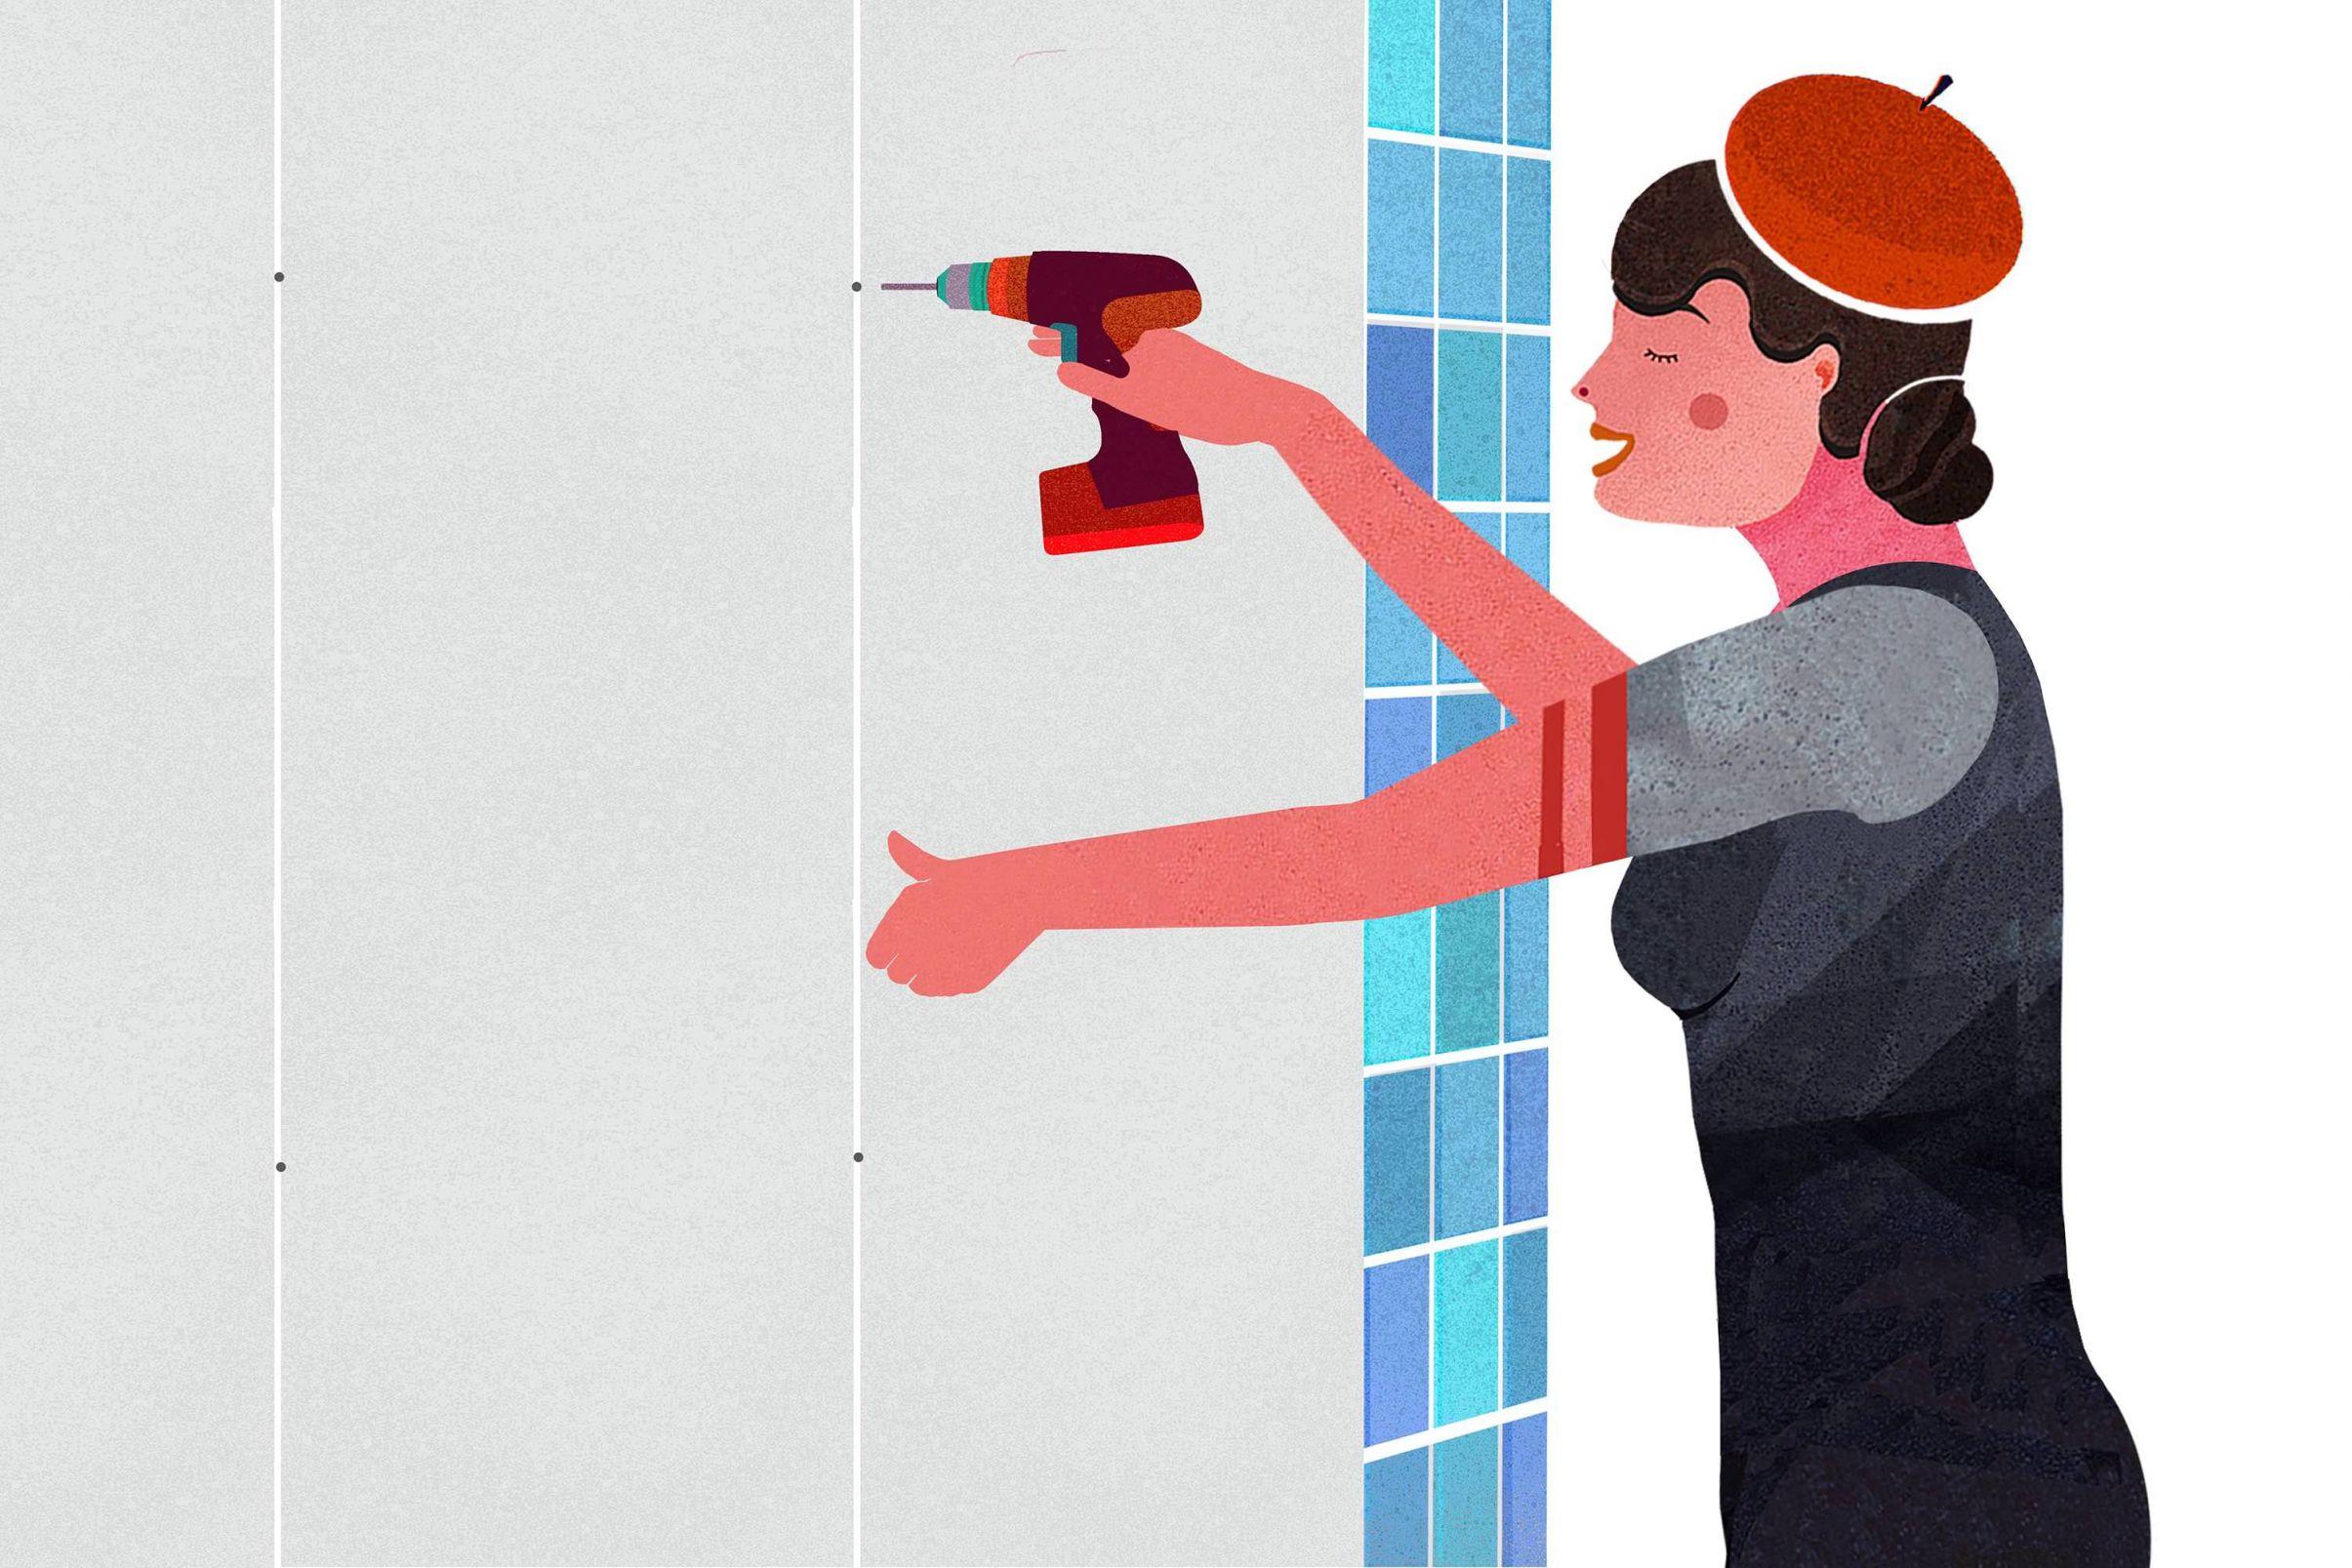 Come-tappezzare-il-bagno-Installare-pannelli-in-cartongesso-fare-buchi-nelle-fughe